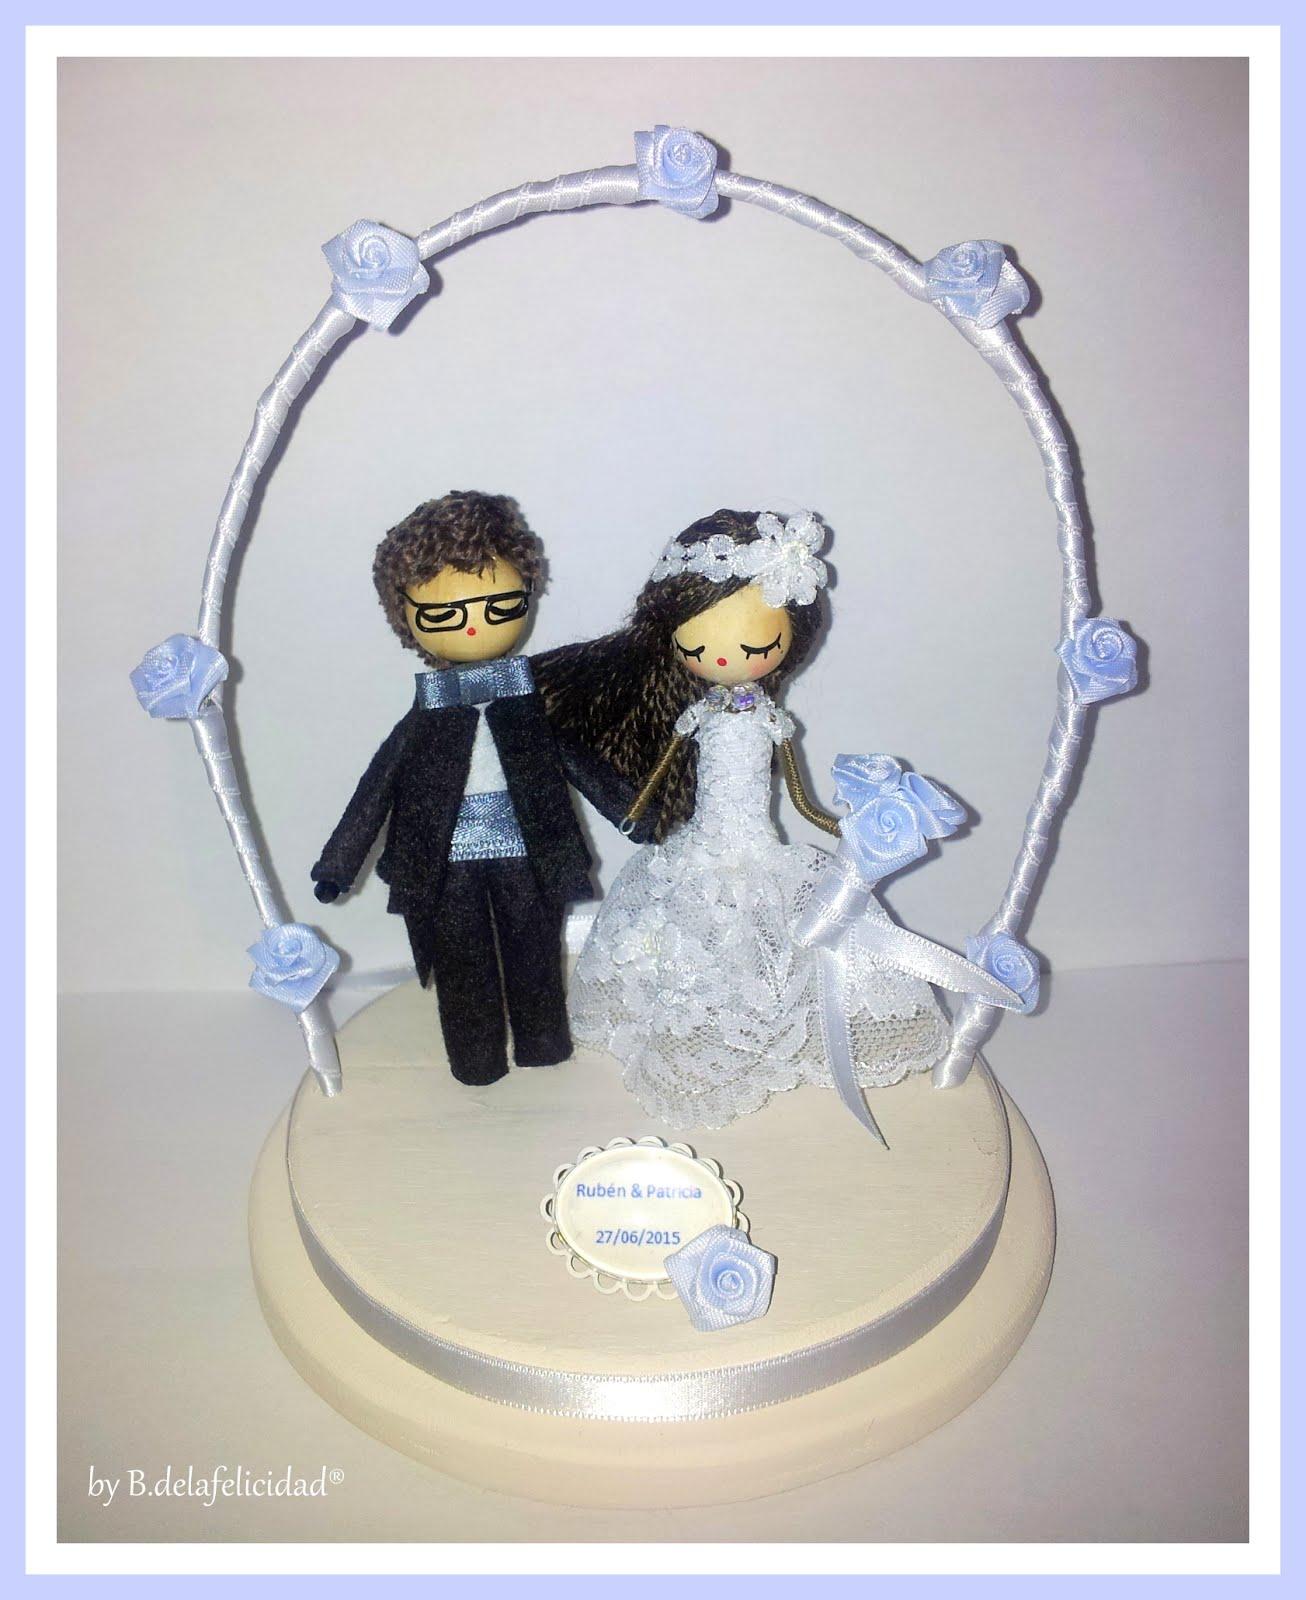 Entrevista en el Blog: Envidien mi boda